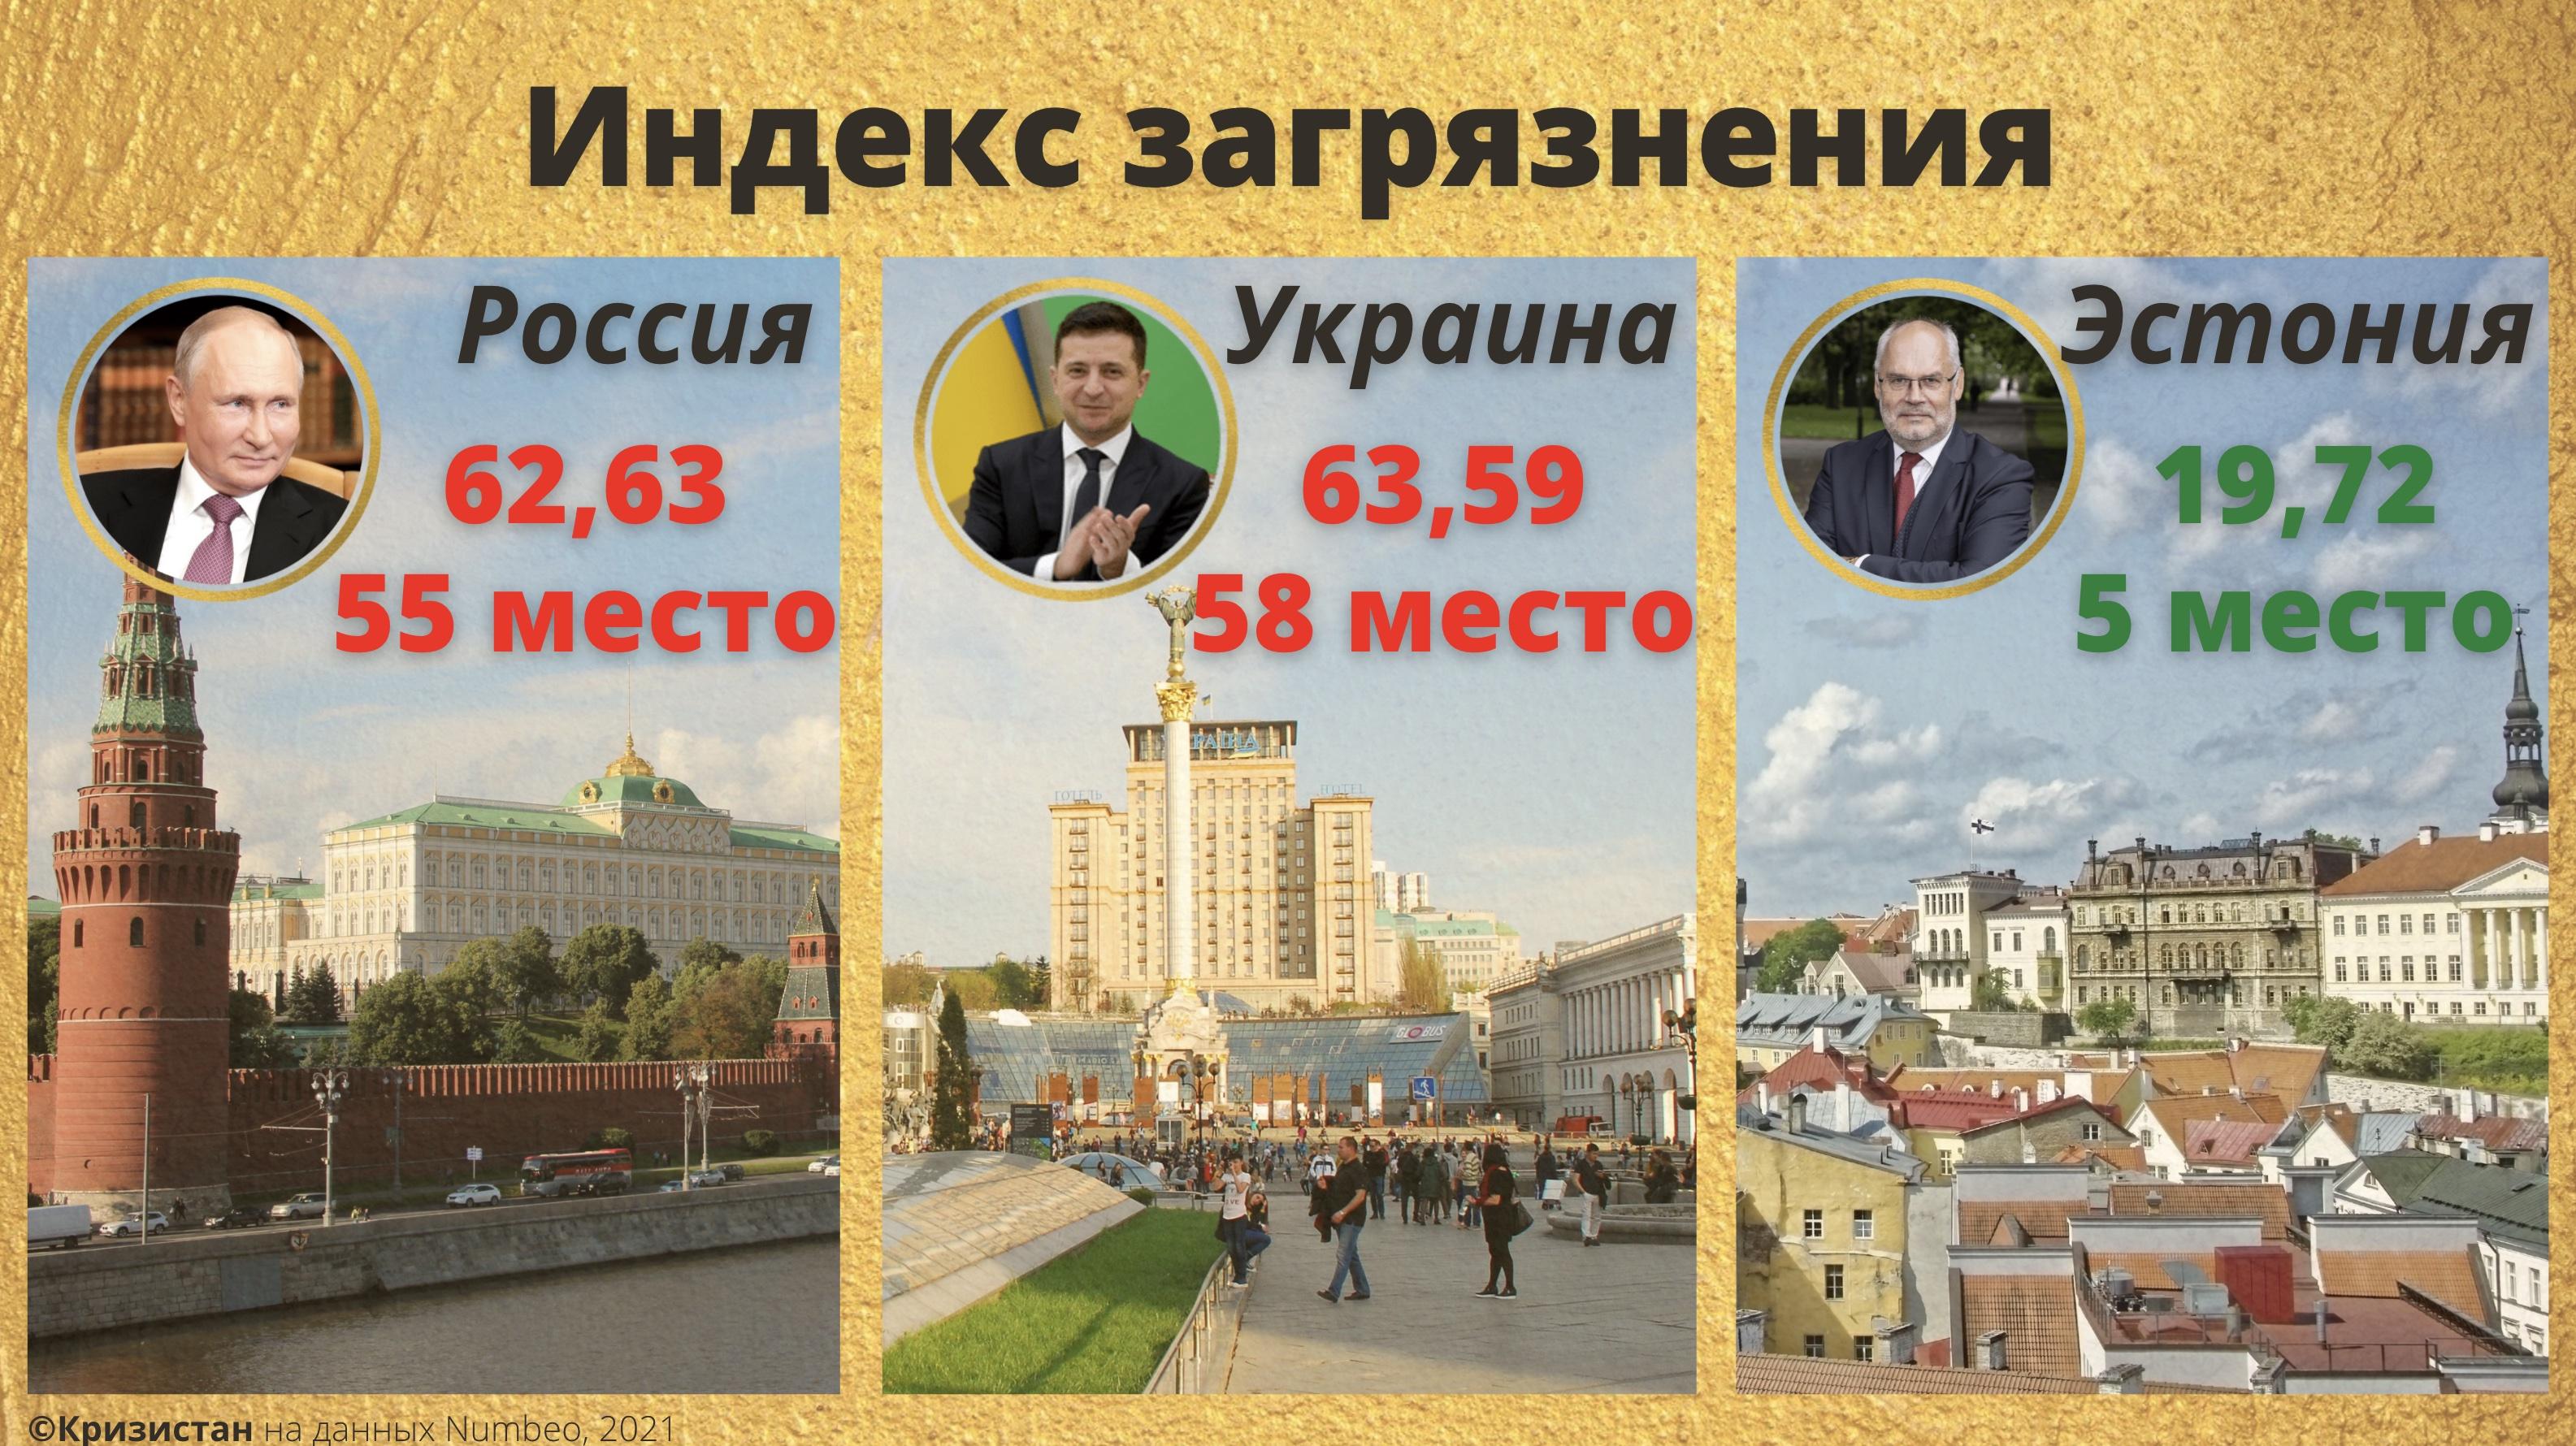 Индекс загрязнения - Украина, РФ, Эстония